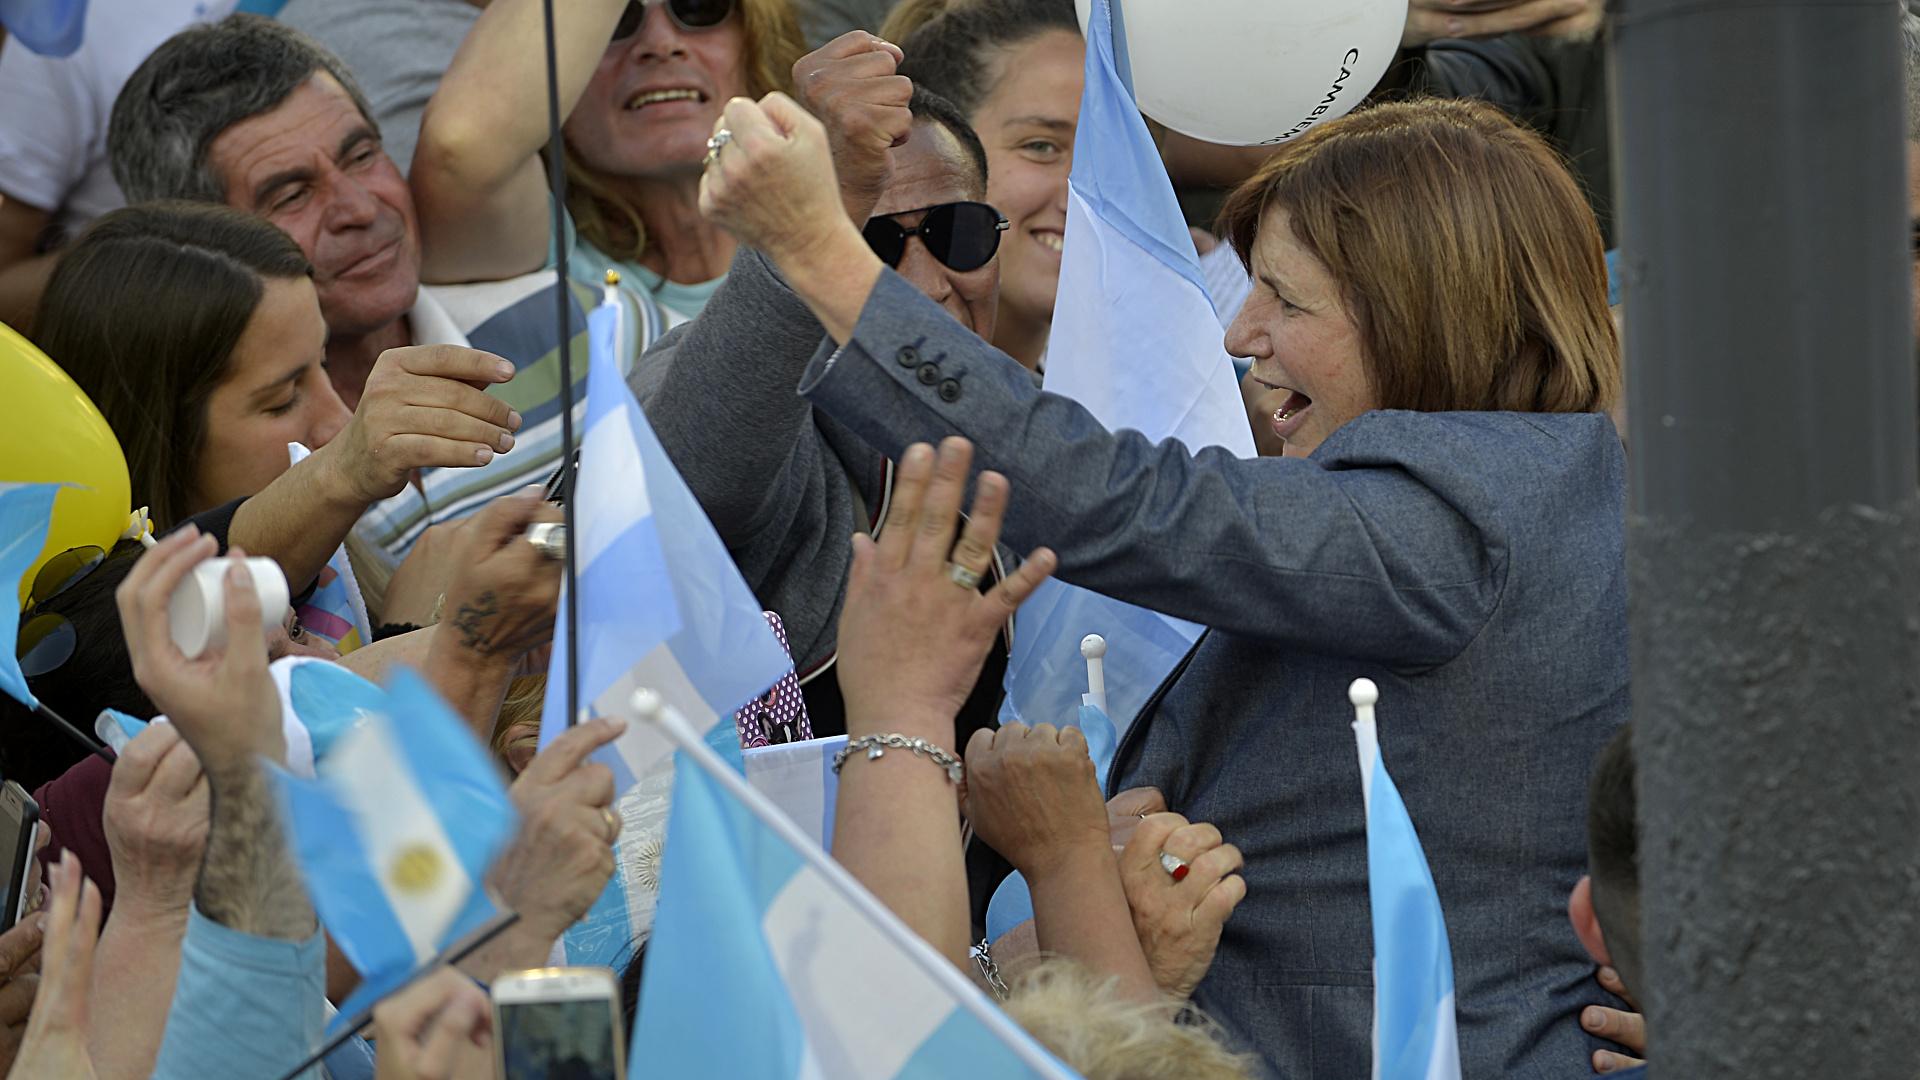 Una eufórica Patricia Bullrich, ministra de Seguridad, llegando al acto